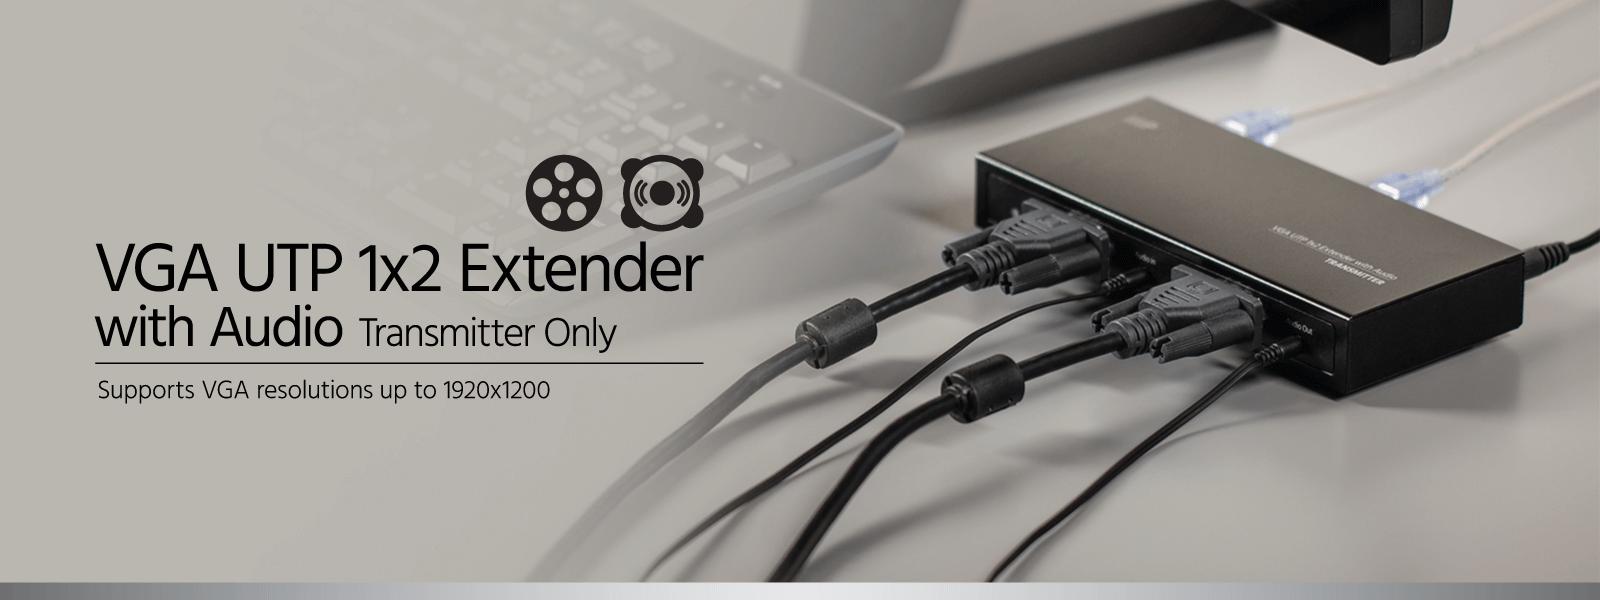 VGA UTP 1x2 Extender Kit